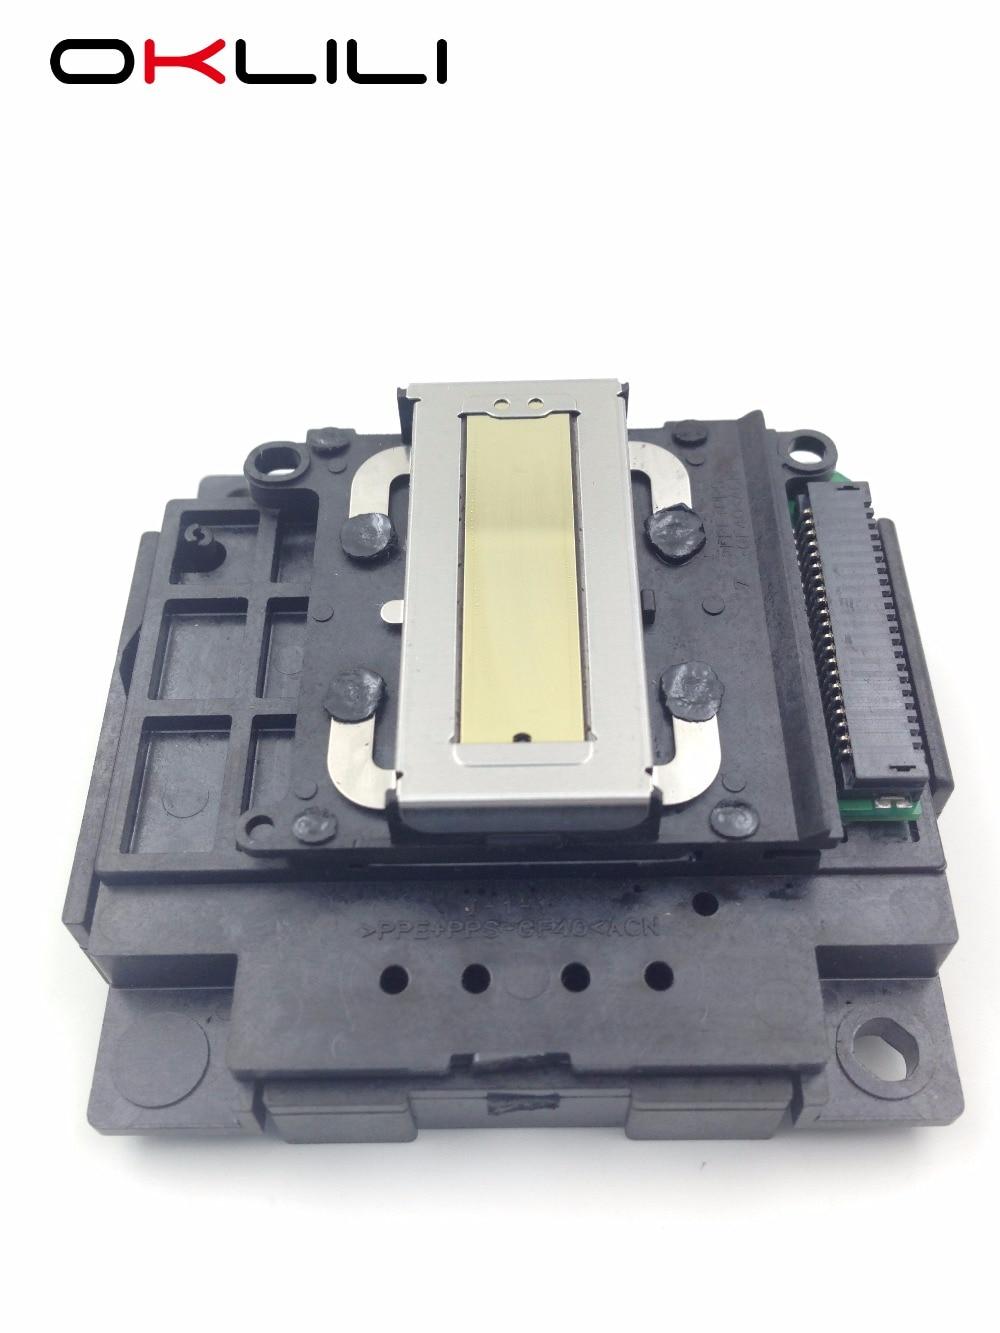 FA04000 FA04010 Printhead Print Head Printer Head for Epson WF-2010 WF-2510 WF-2520 WF-2530 WF-2540 ME401 ME303 WF2010 WF2510